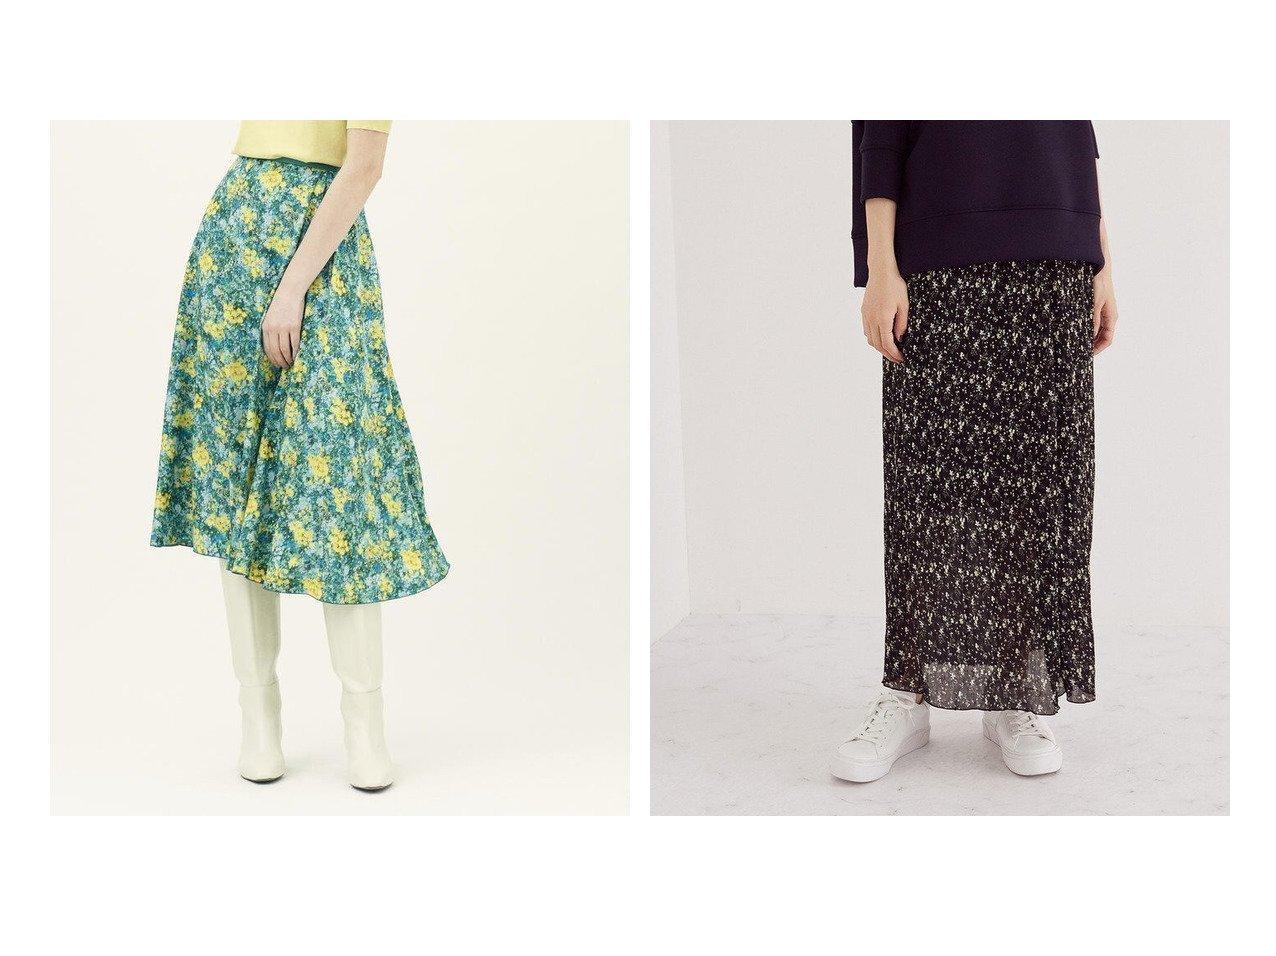 【ROPE/ロペ】のフラワープリントワッシャープリーツストレートスカート&【TOMORROWLAND BALLSEY/トゥモローランド ボールジー】のウィンドフラワープリント アシンメトリータックフレアスカート スカートのおすすめ!人気、トレンド・レディースファッションの通販  おすすめで人気の流行・トレンド、ファッションの通販商品 メンズファッション・キッズファッション・インテリア・家具・レディースファッション・服の通販 founy(ファニー) https://founy.com/ ファッション Fashion レディースファッション WOMEN スカート Skirt Aライン/フレアスカート Flared A-Line Skirts ギャザー コンパクト シンプル ジョーゼット スニーカー トレンド パーカー プリント プリーツ ポケット ミックス リラックス 2021年 2021 2021 春夏 S/S SS Spring/Summer 2021 S/S 春夏 SS Spring/Summer アシンメトリー クラシカル シルク フレア 再入荷 Restock/Back in Stock/Re Arrival |ID:crp329100000015606